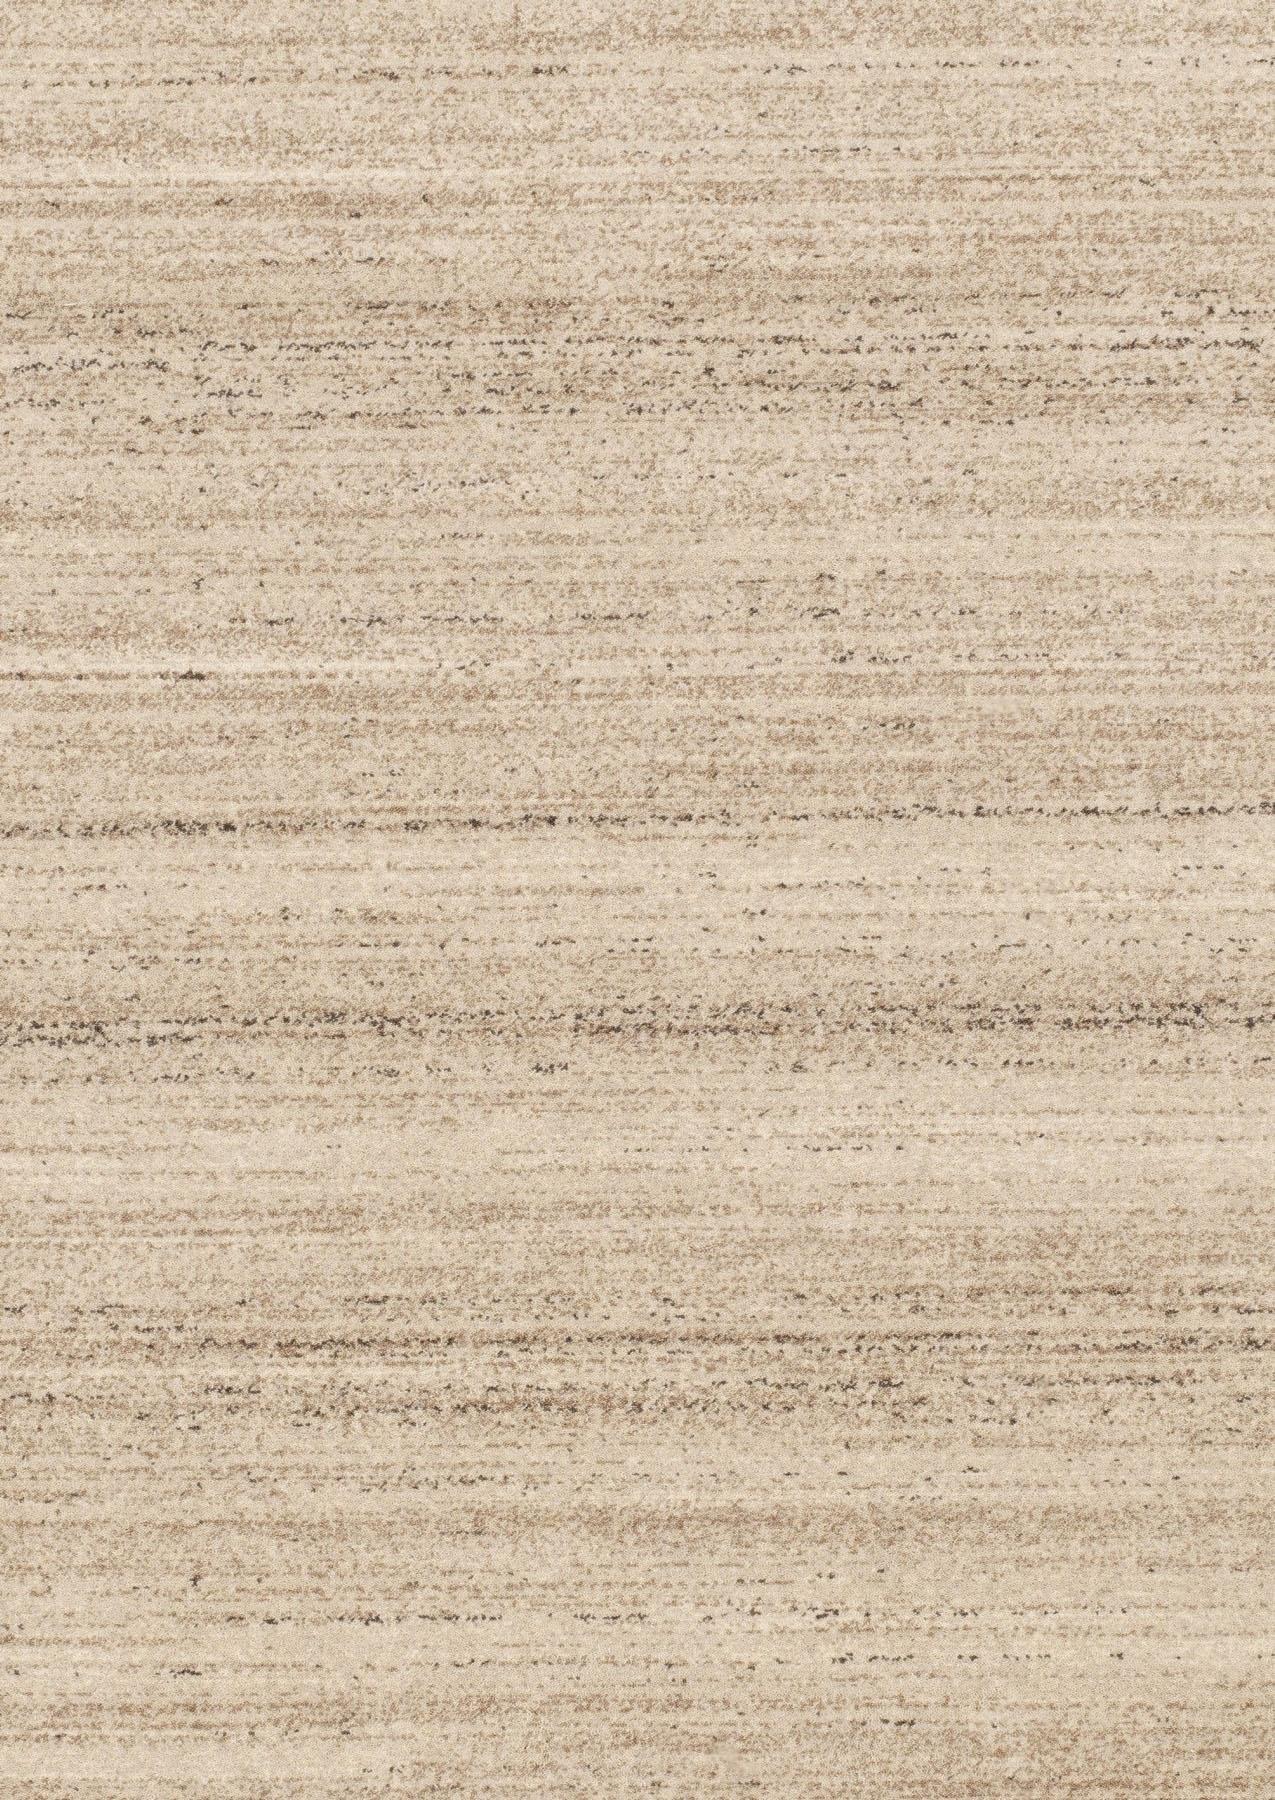 OCI DIE TEPPICHMARKE Wollen kleed, »Natura Plain«, rechthoekig, hoogte 9 mm, machinaal geweven bestellen: 30 dagen bedenktijd